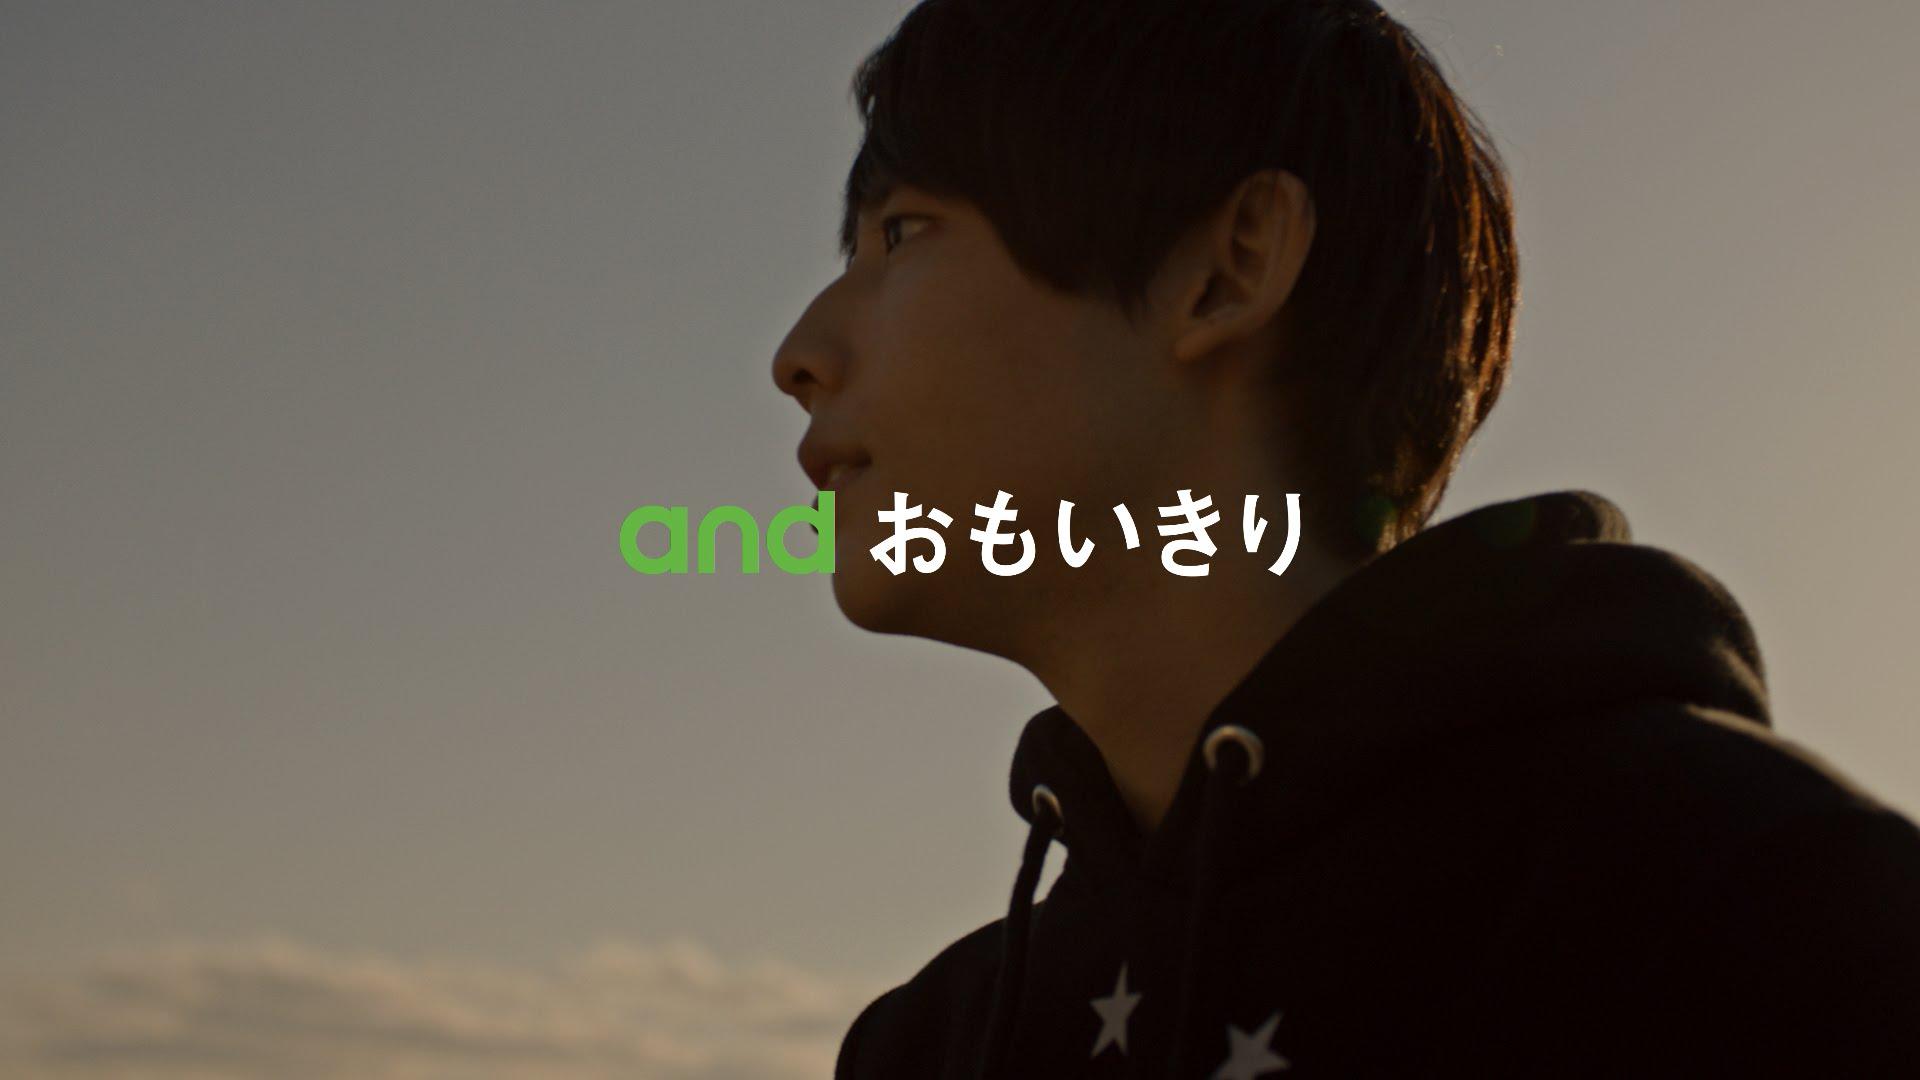 AndroidのCM曲で話題の日本人DJ『banvox 人気曲ランキング』